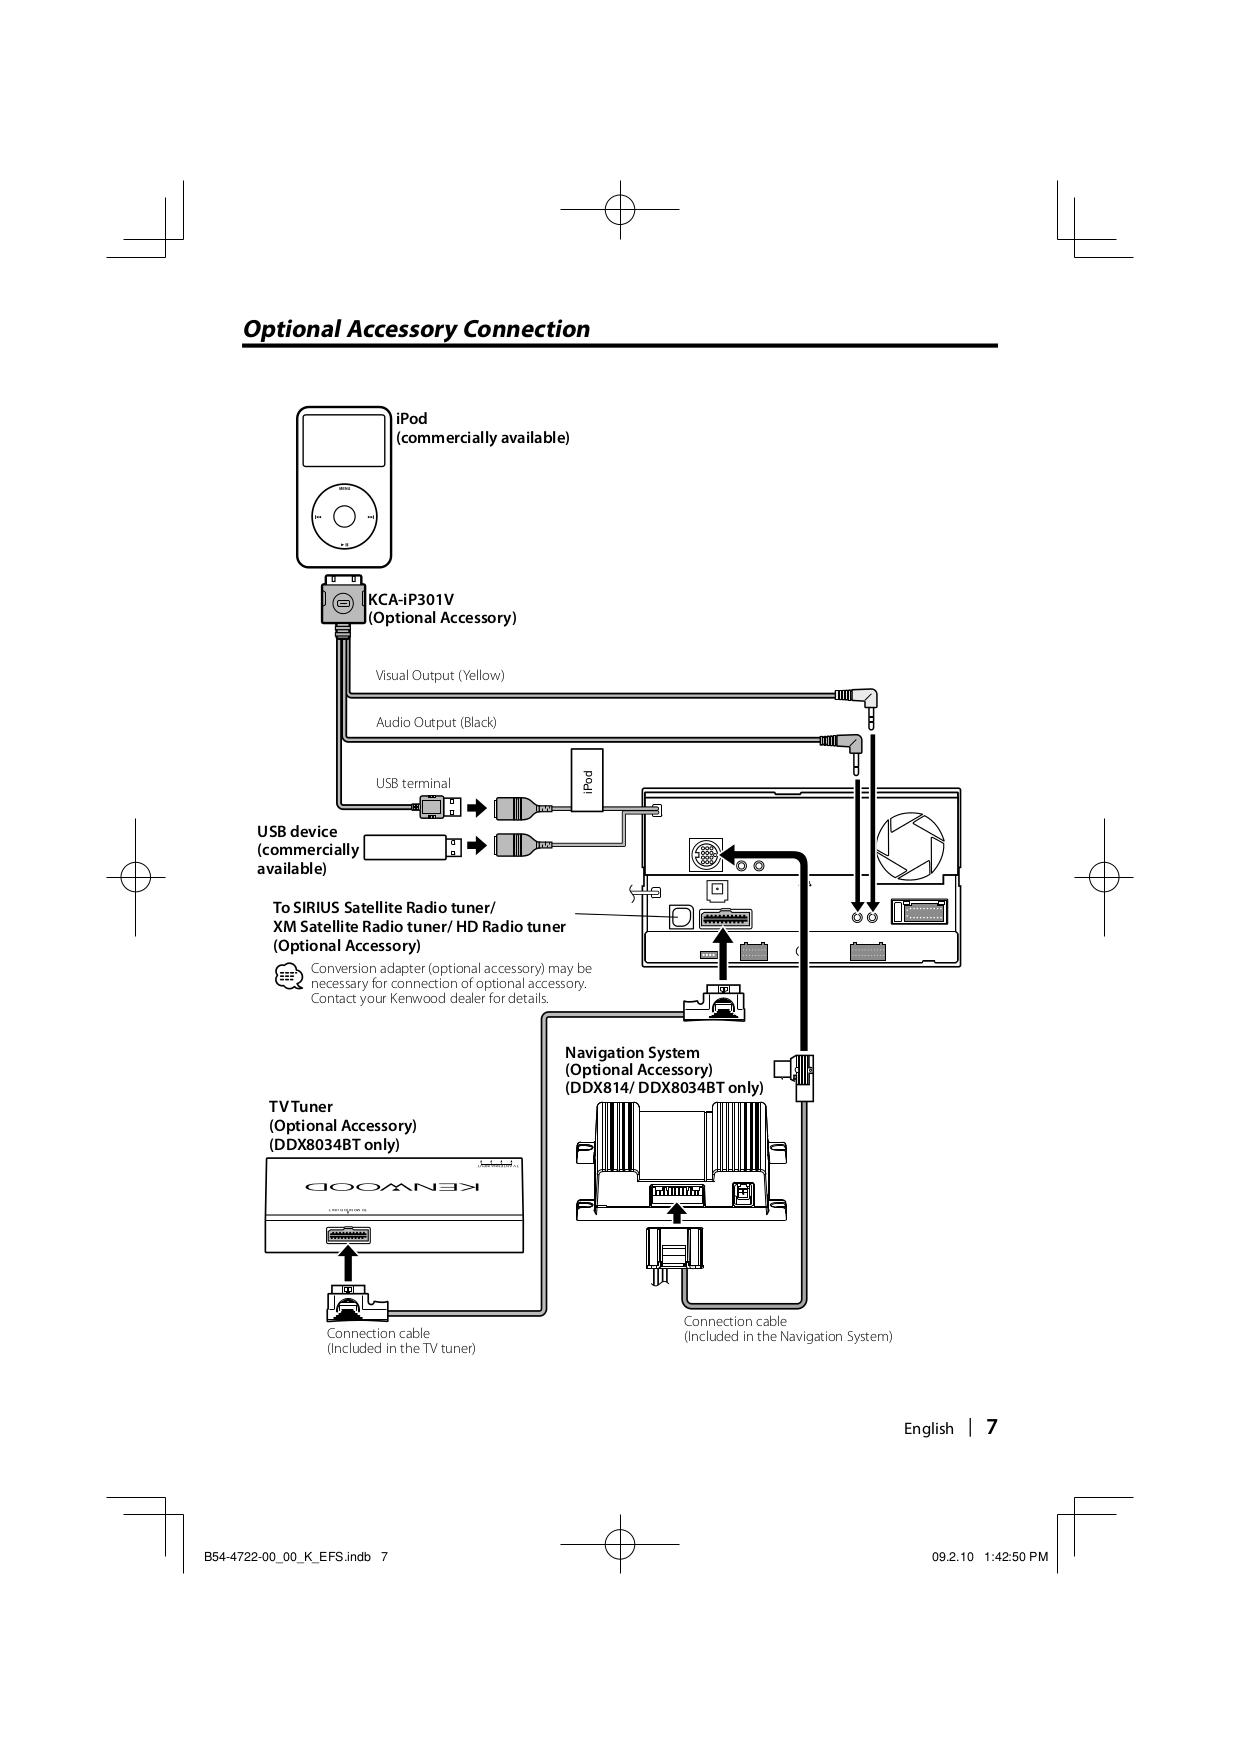 Pdf manual for kenwood car receiver ddx8034bt kenwood car receiver ddx8034bt pdf page preview sciox Gallery